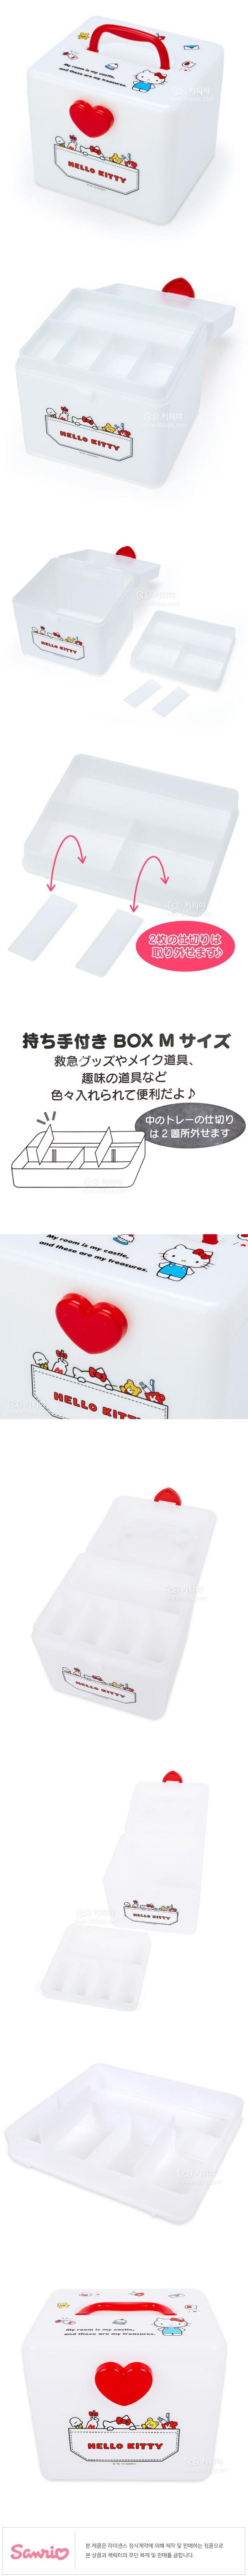 헬로키티 손잡이 수납박스 M - 키티야, 29,200원, 장식소품, 소품케이스